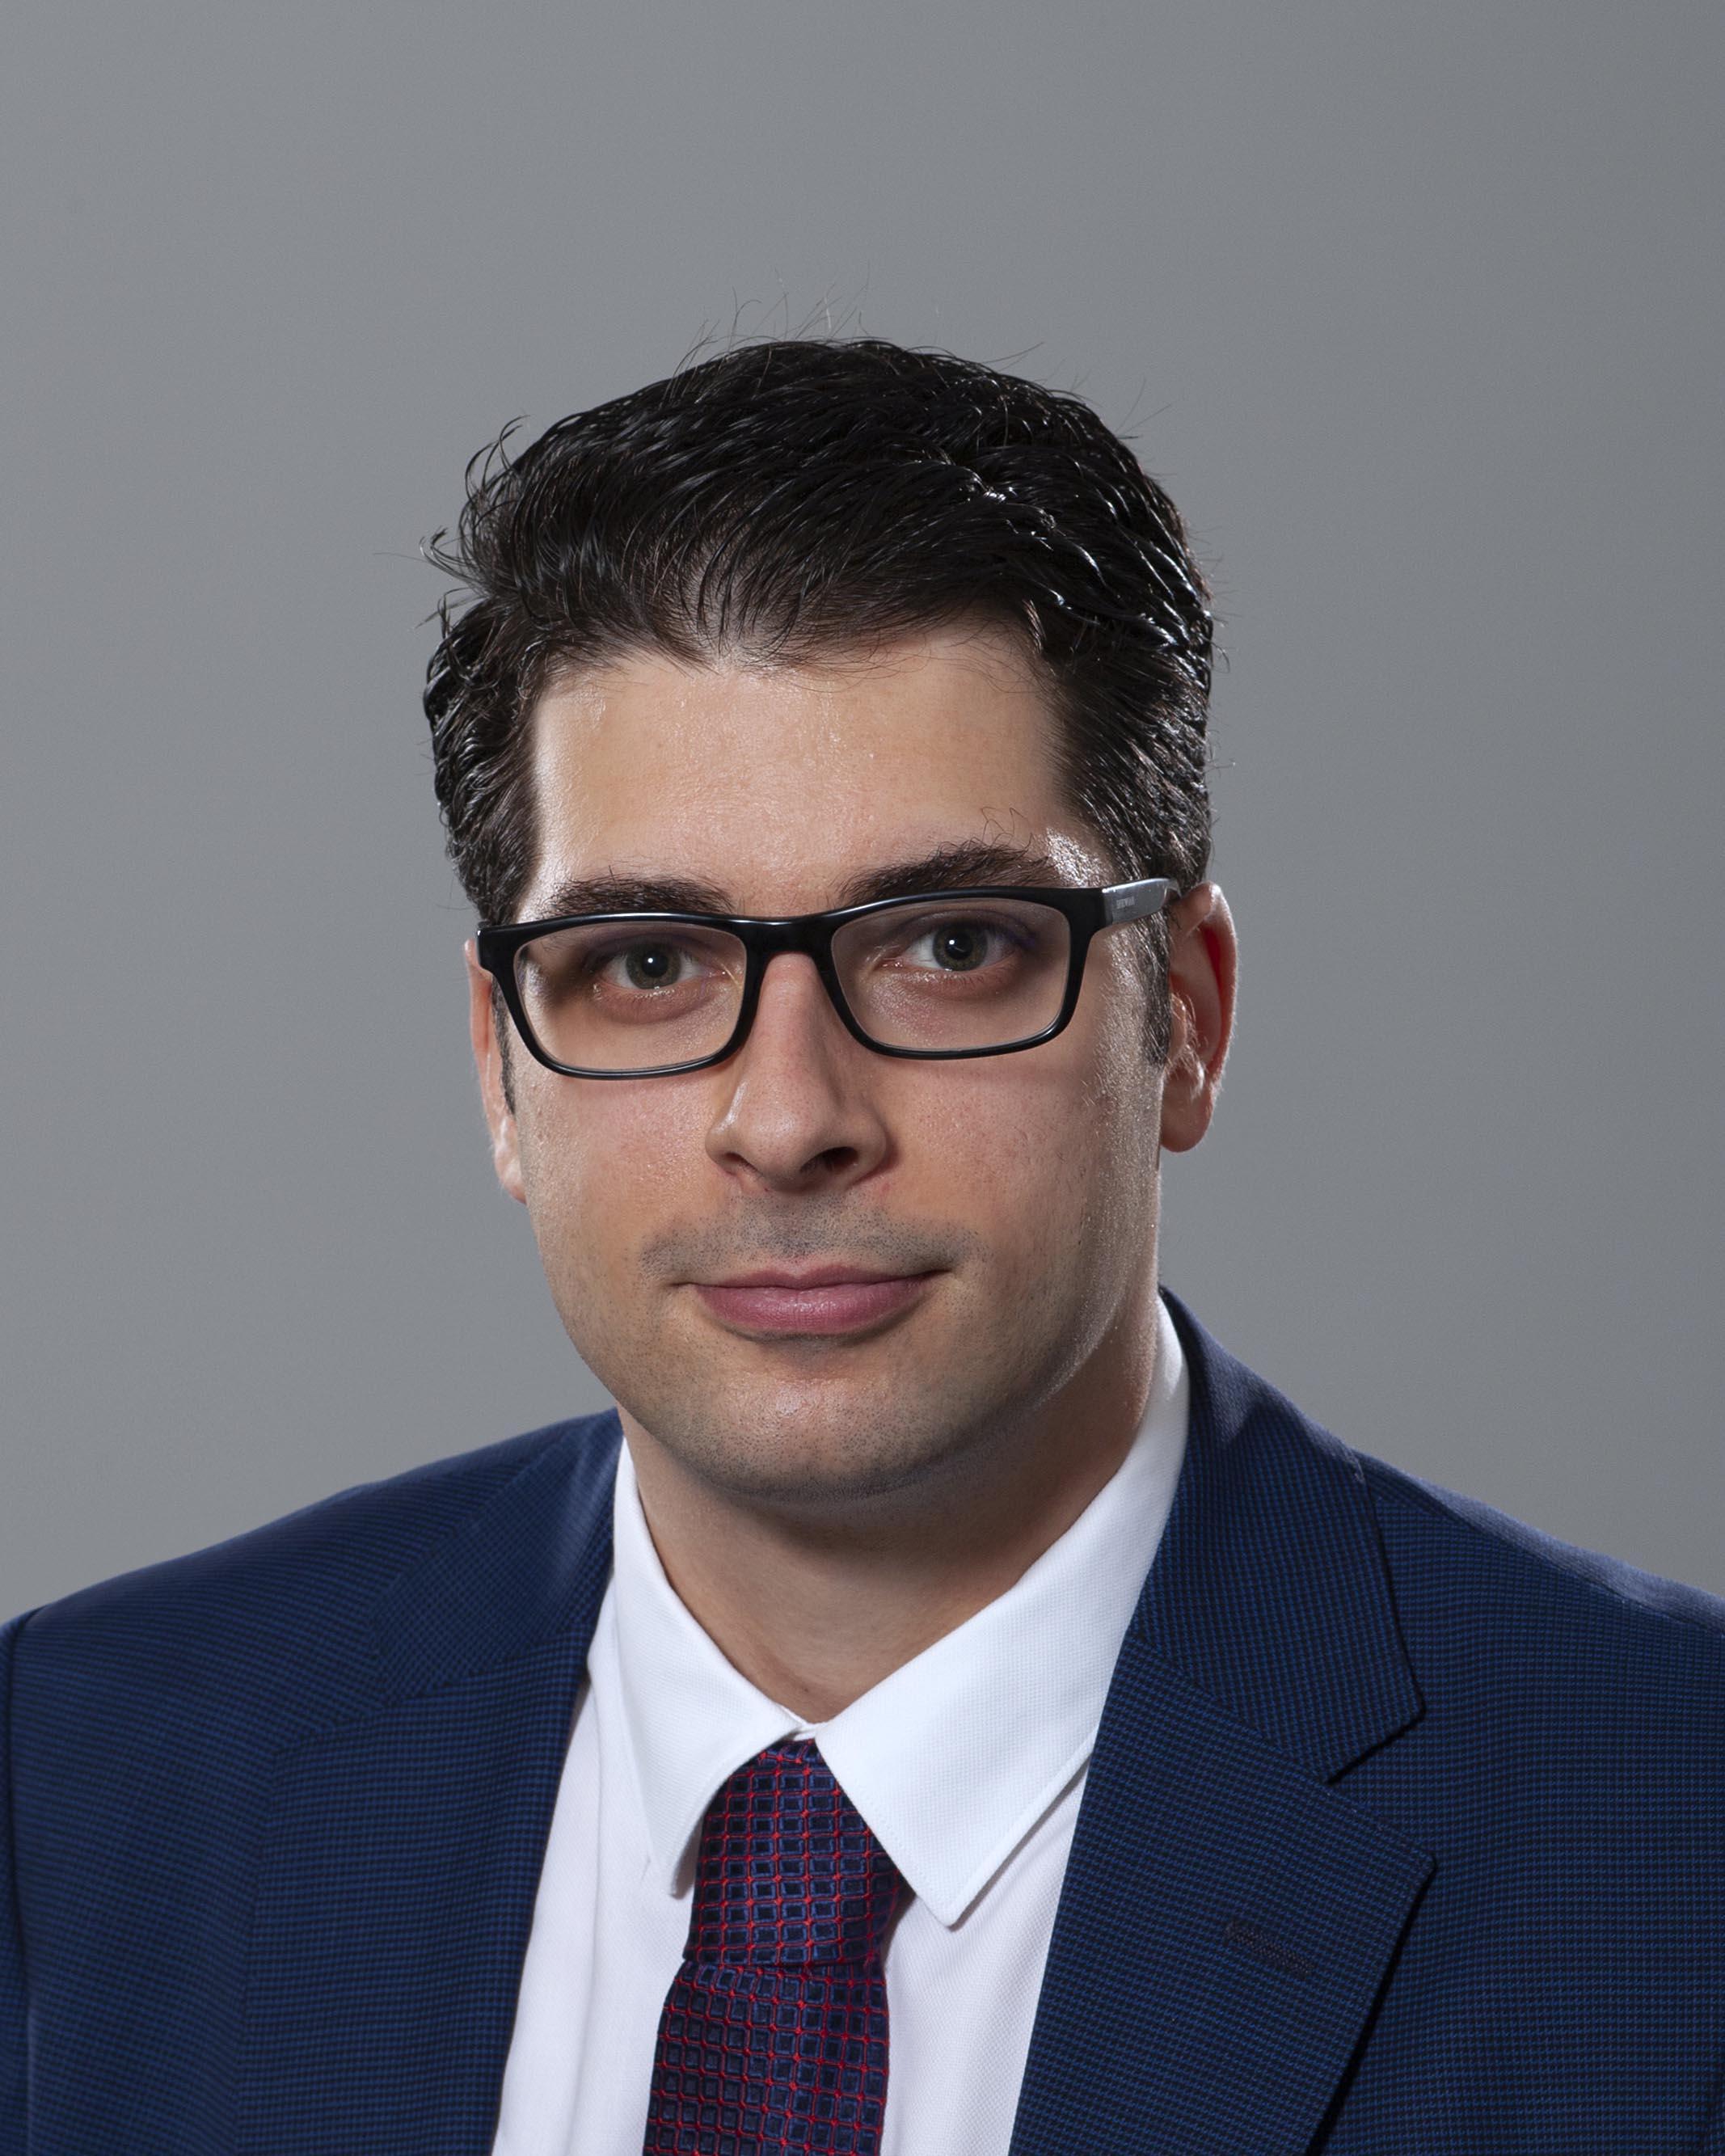 <p>Атанас Ангелов Пеканов&nbsp;- служебен заместник министър-председател&nbsp;по управление на европейските средства.</p>